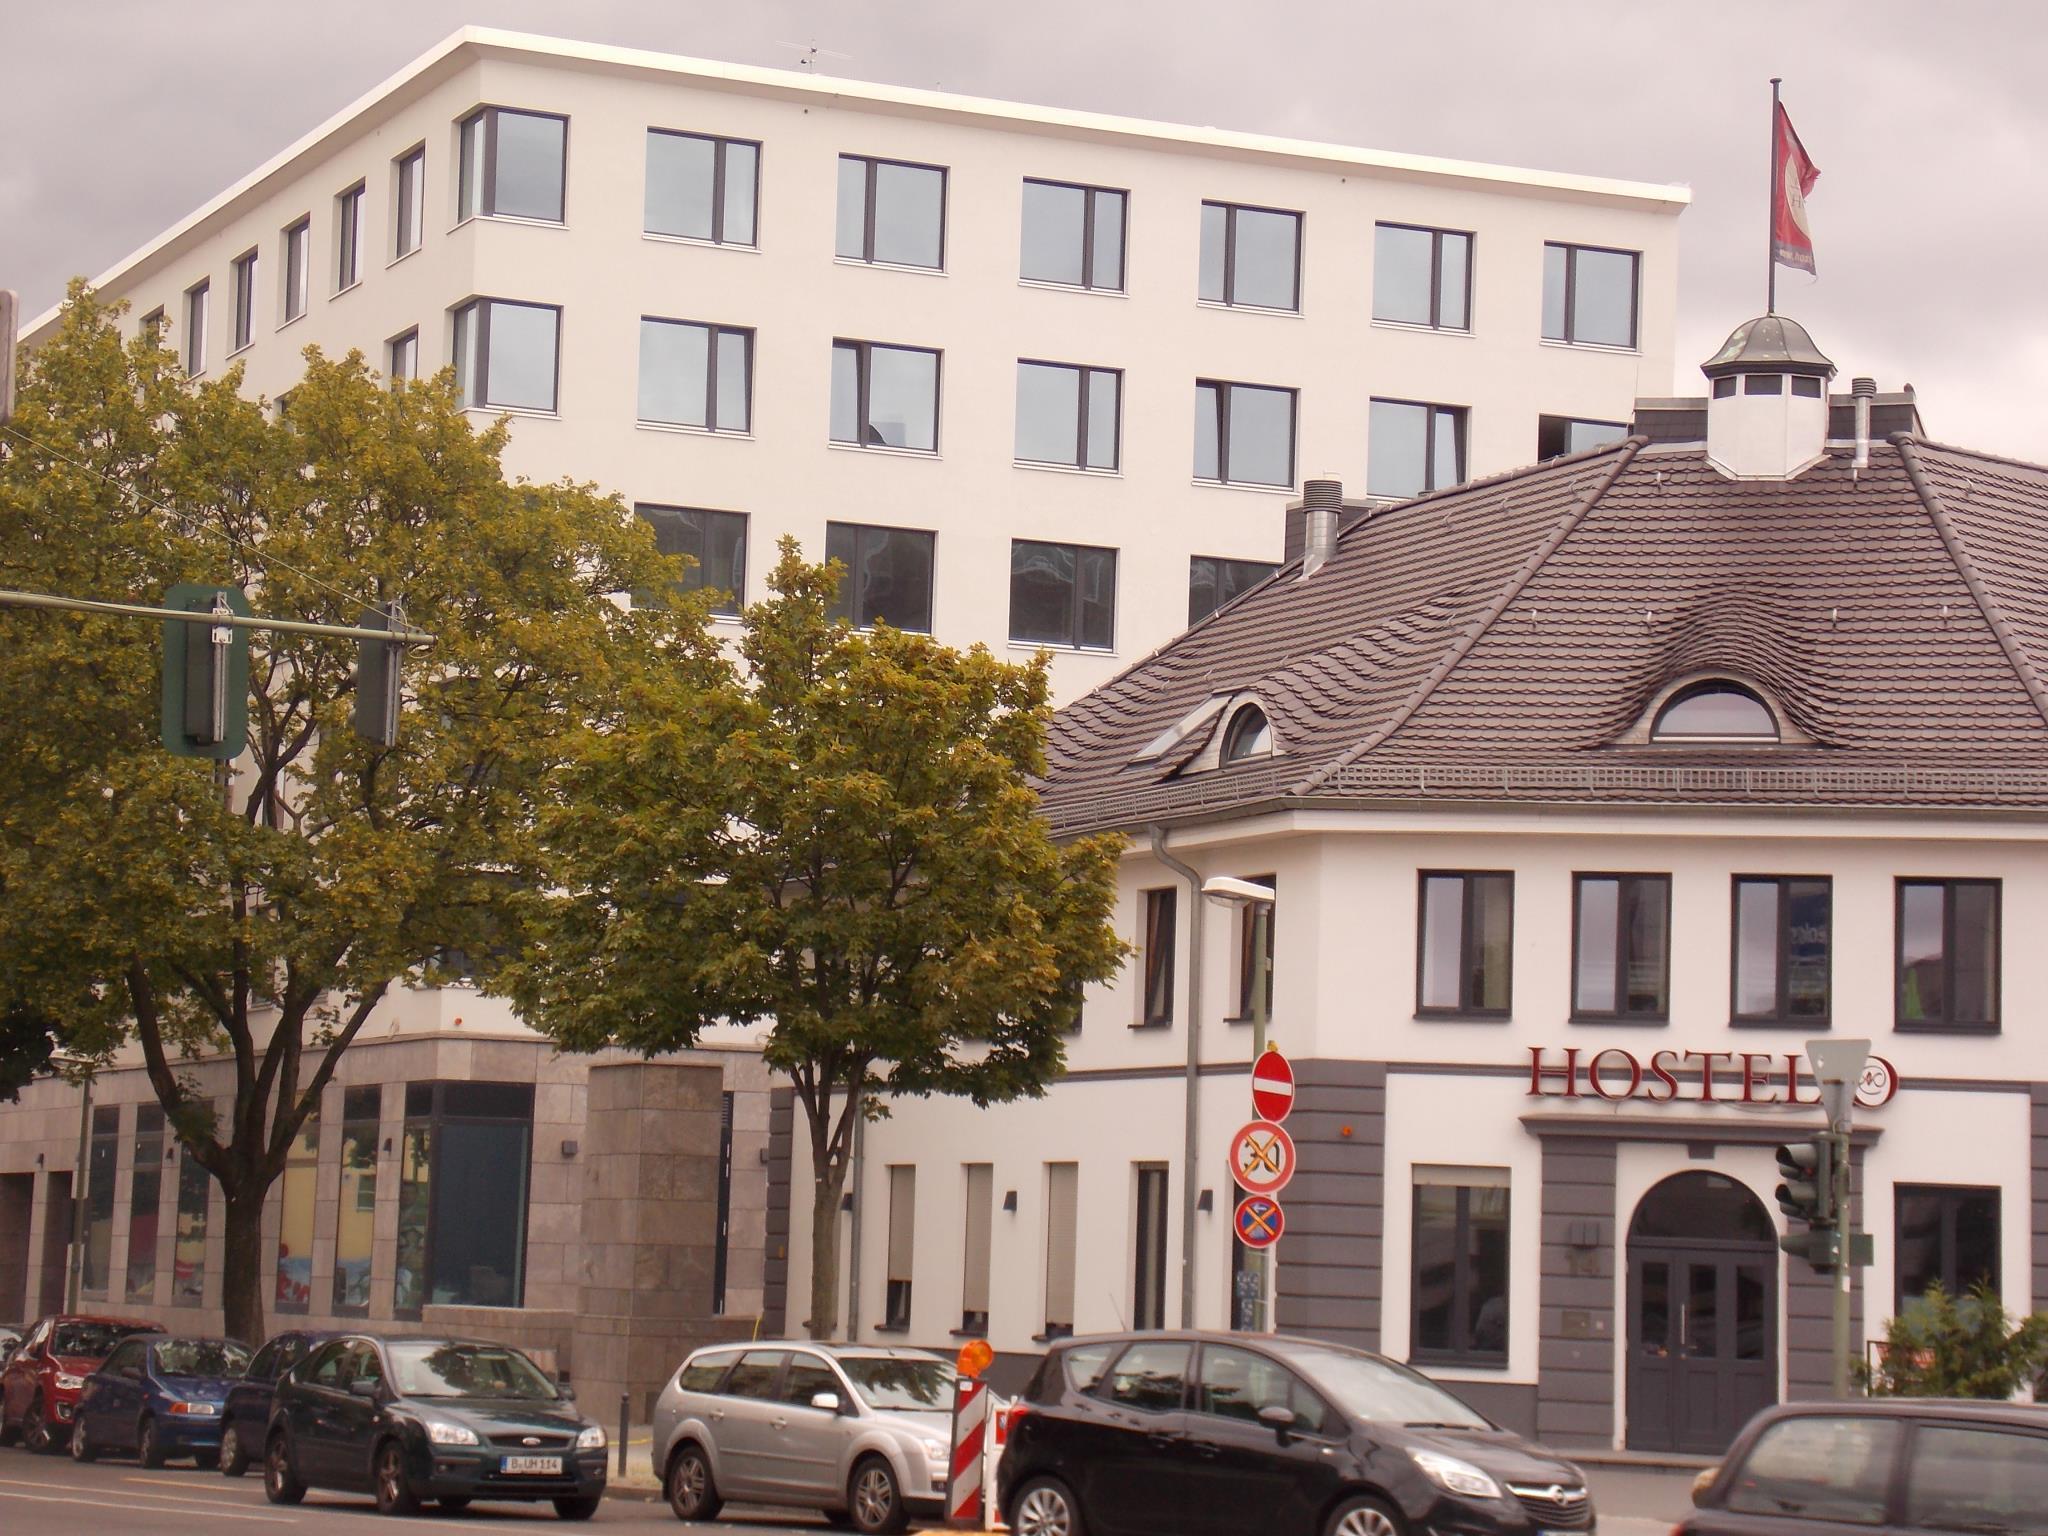 Ocak Apartment And Hotel